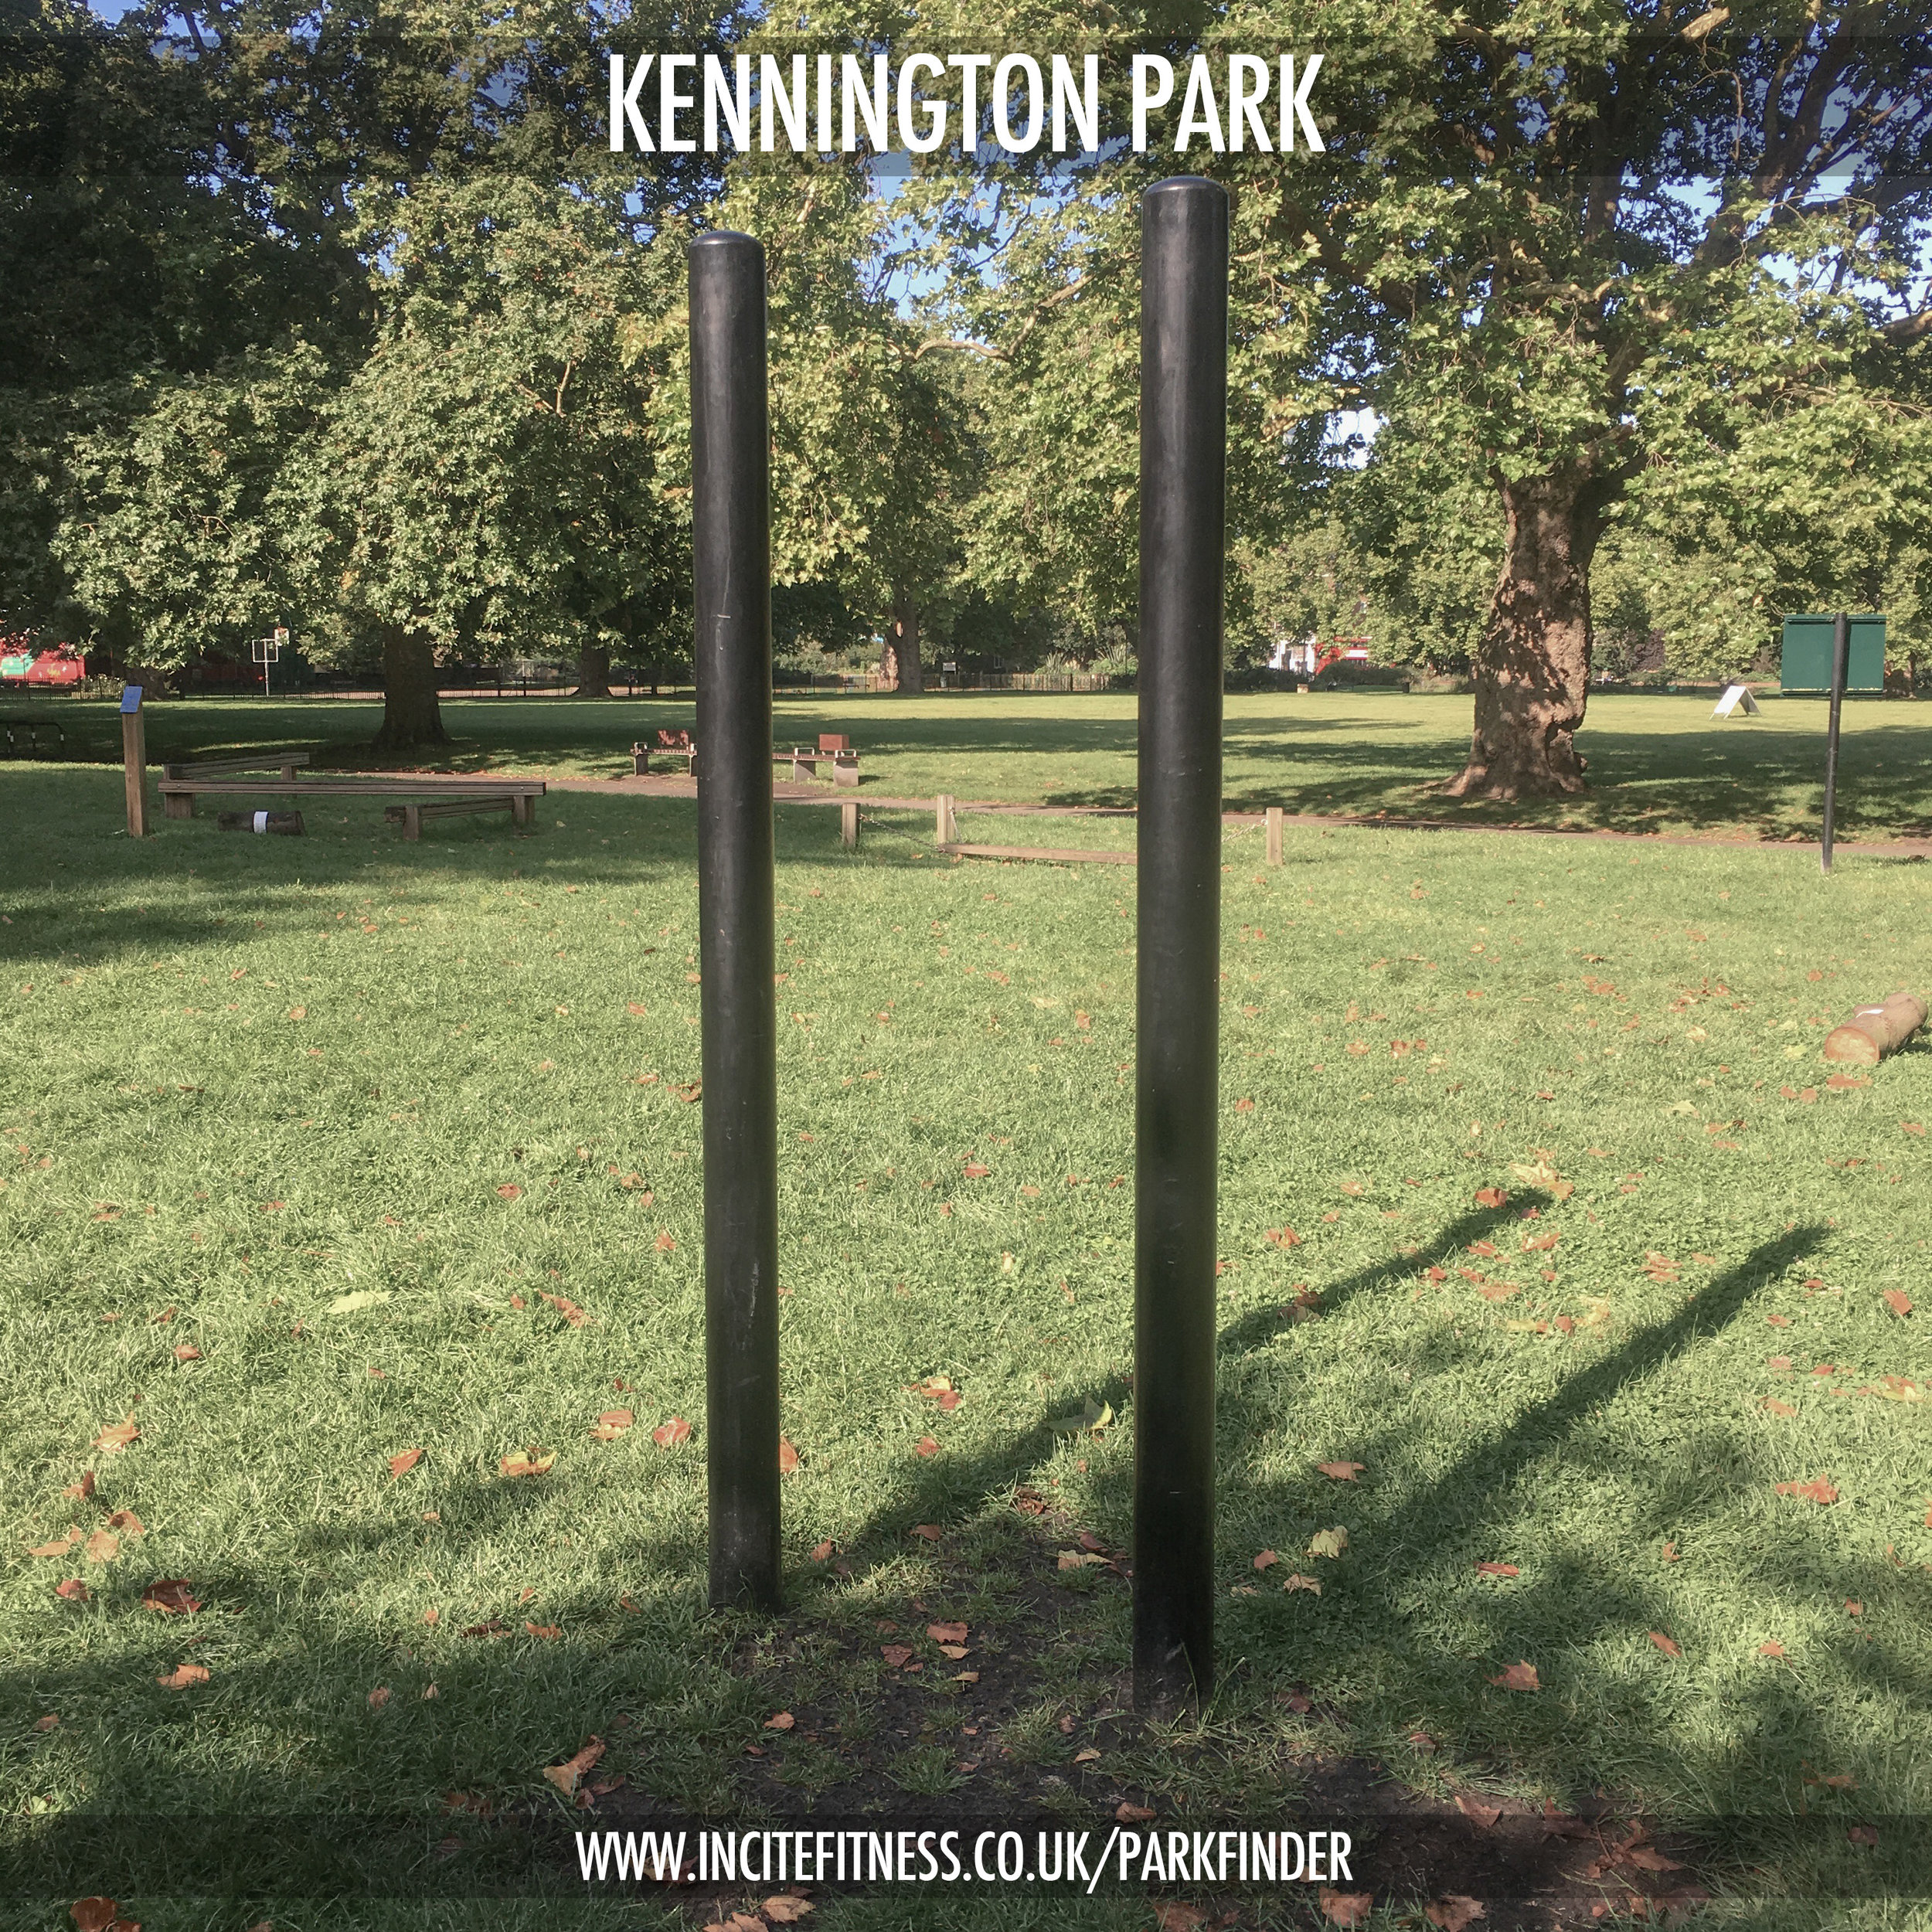 Kennington park 03 columns.jpg